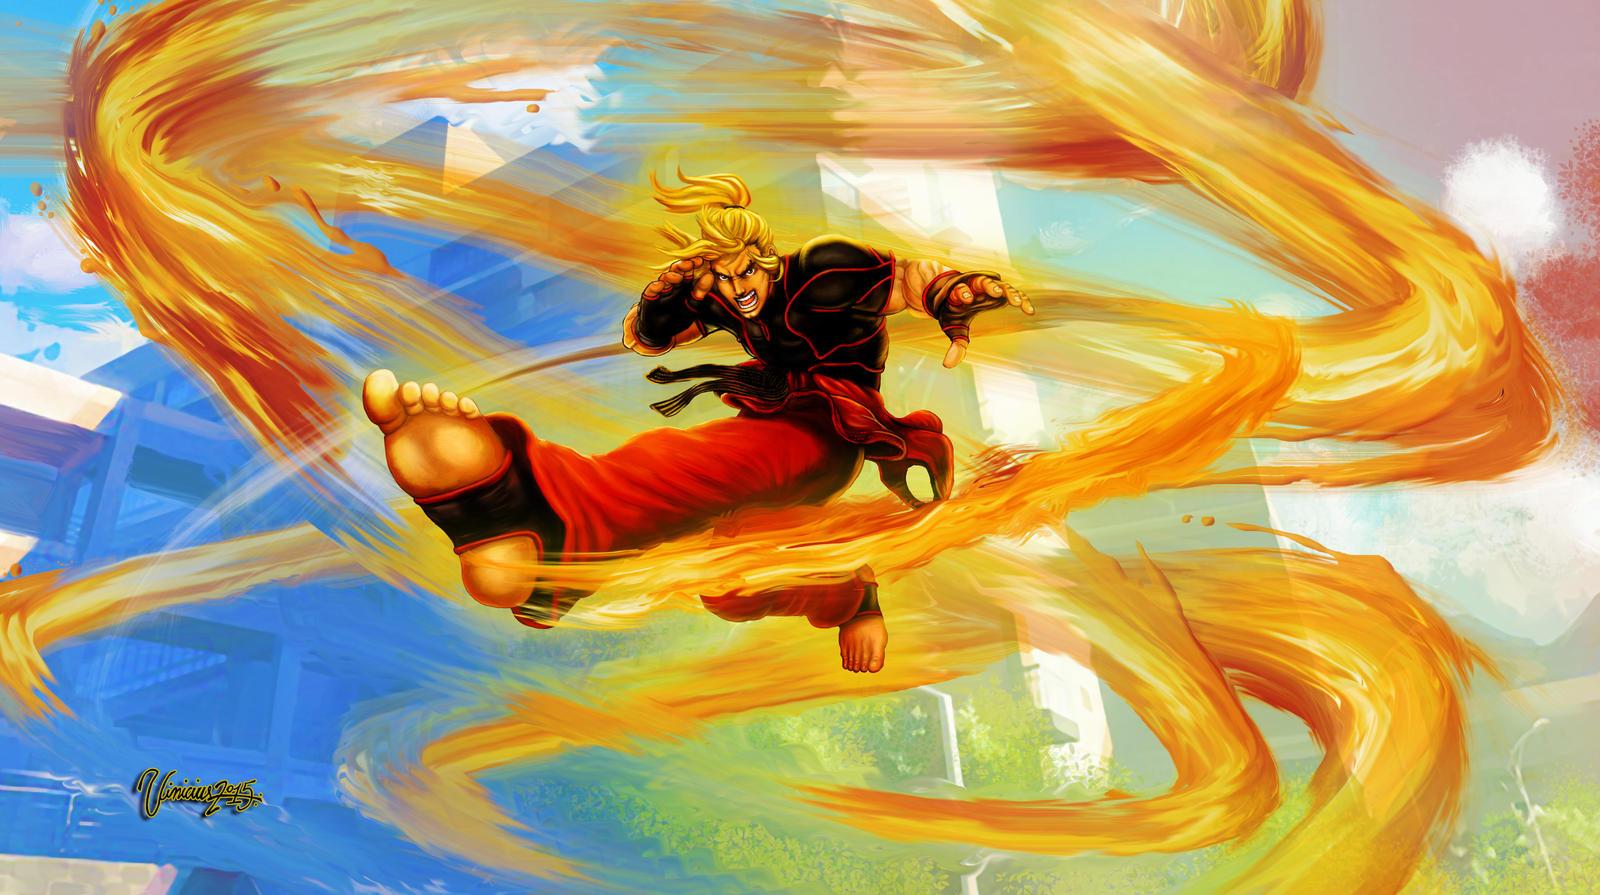 Ken Street Fighter V By Viniciusmt2007